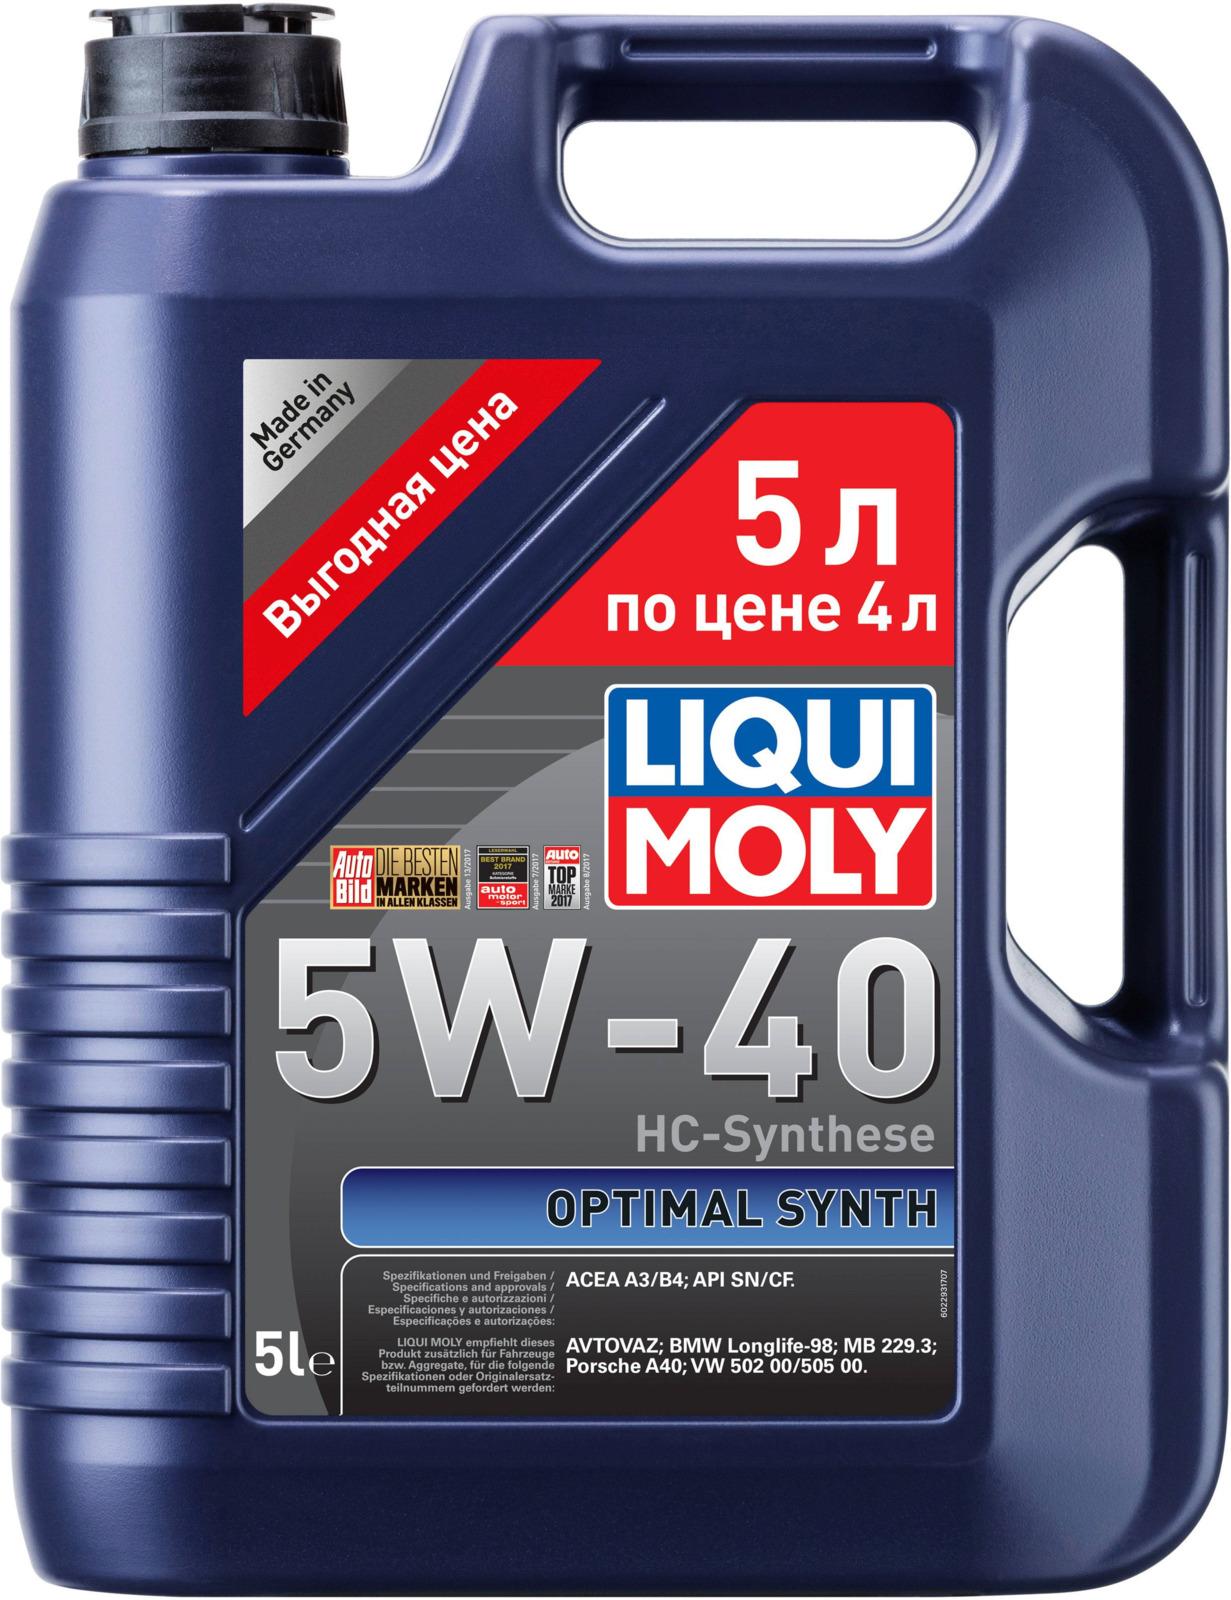 Моторное масло Liqui Moly Optimal Synth, НС-синтетическое, 2293, 5 л корм для кошек gourmet gold мусс курица печень конс 85г